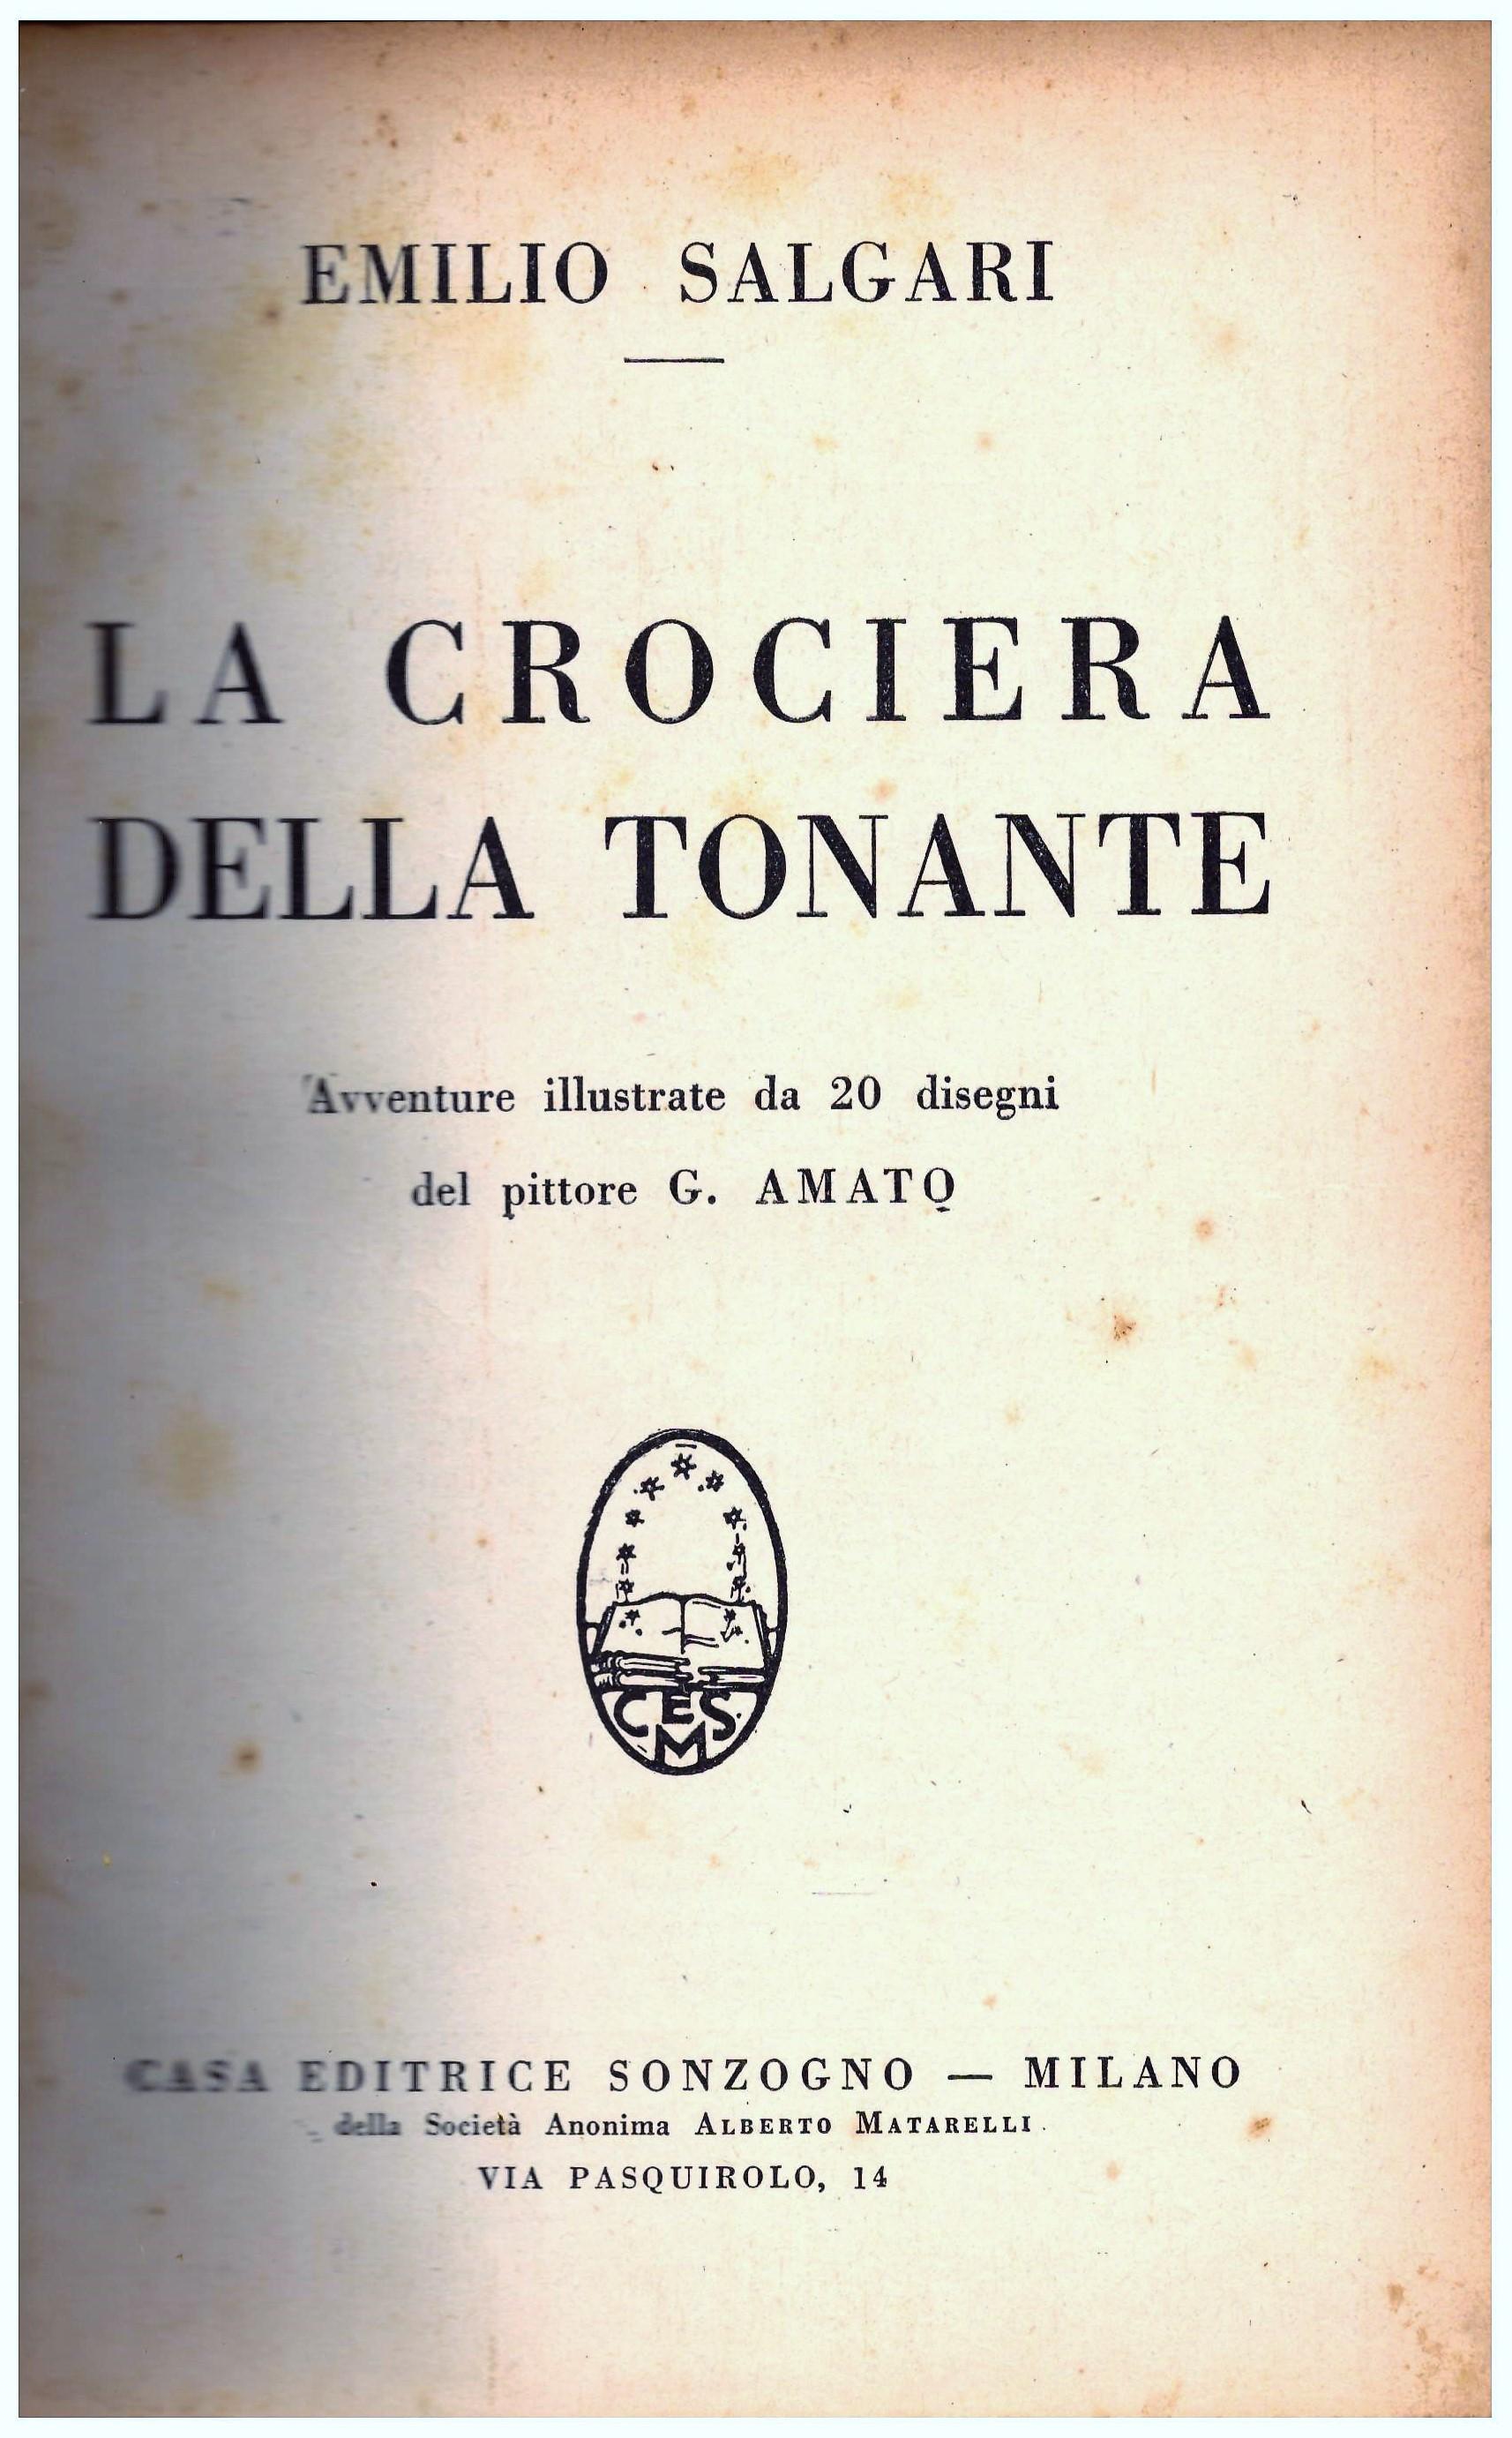 Titolo: La crociata della tonante Autore: Emilio Salgari  Editore: casa editrice Sonzogno, Milano 1929